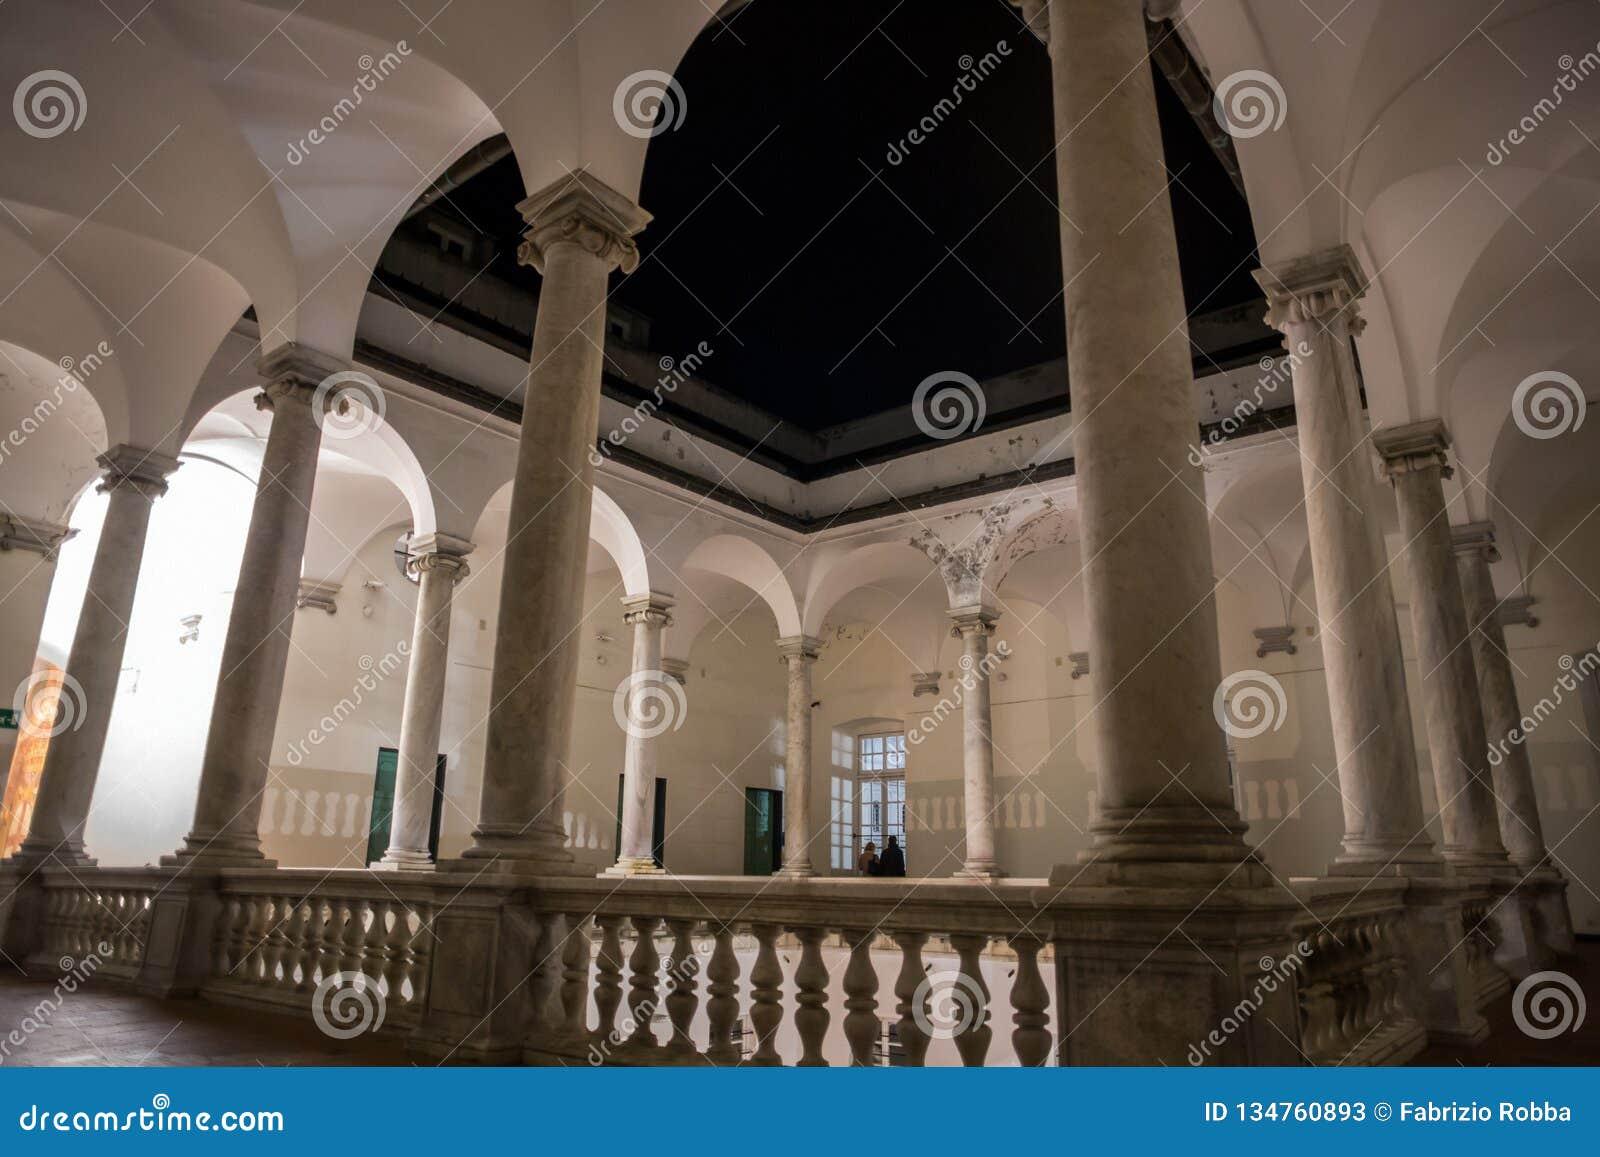 Colonnade van het externe parterre van Palazzo Ducale  s nachts in de Italiaanse stad van Genoa Genova, Italië